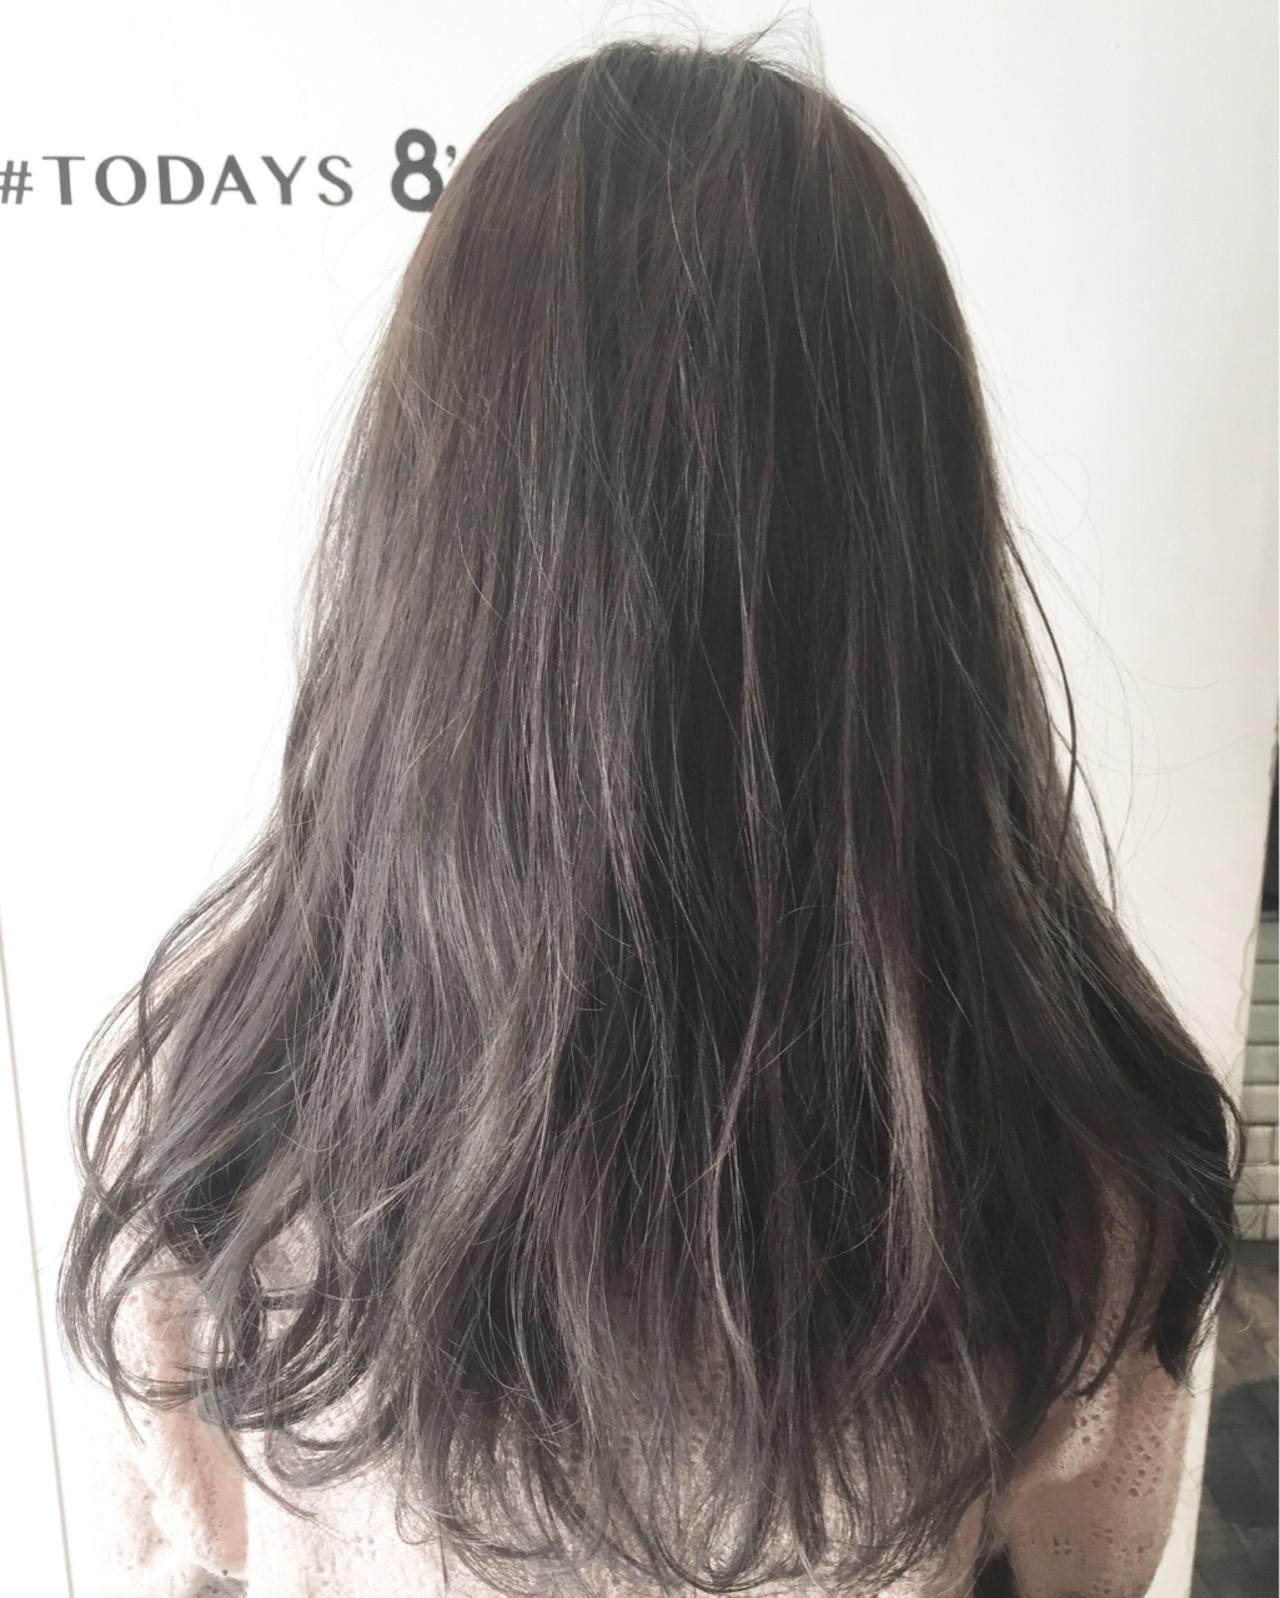 外国人風 アッシュ ハイライト オリーブアッシュ ヘアスタイルや髪型の写真・画像 | ナベ / EIGHT hair salon